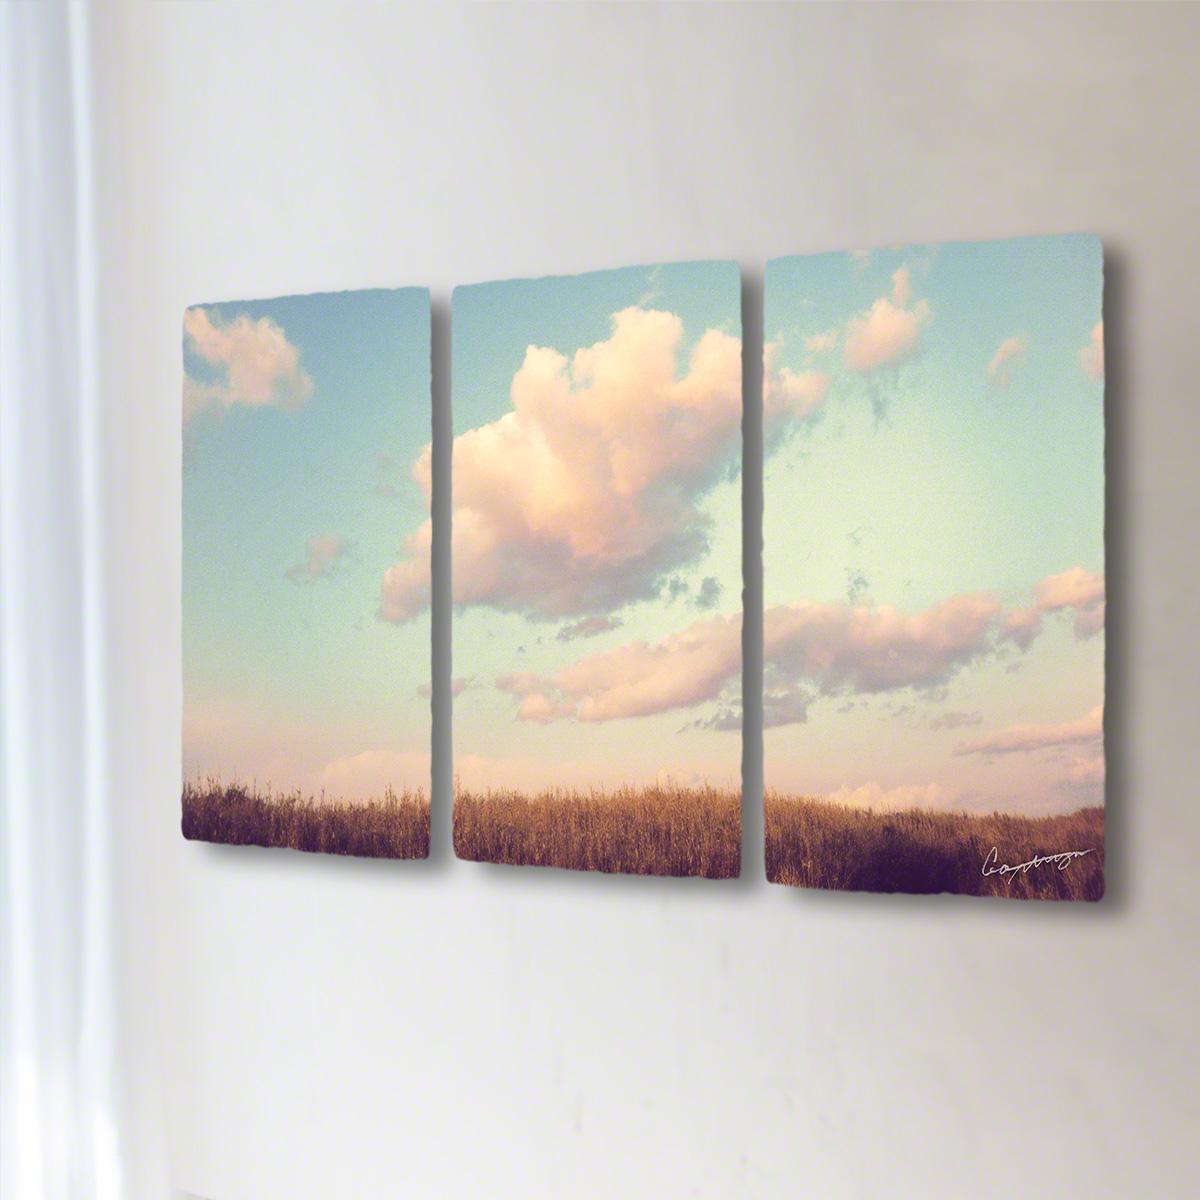 和紙 手作り アートパネル 3枚続き 「葺原に浮かぶ夕暮れ雲」(128x72cm) 絵画 絵 ポスター 壁掛け モダン アート 和風 オリジナル インテリア 風景画 ランキング おすすめ おしゃれ 人気 キッチン リビング ダイニング 玄関 和室